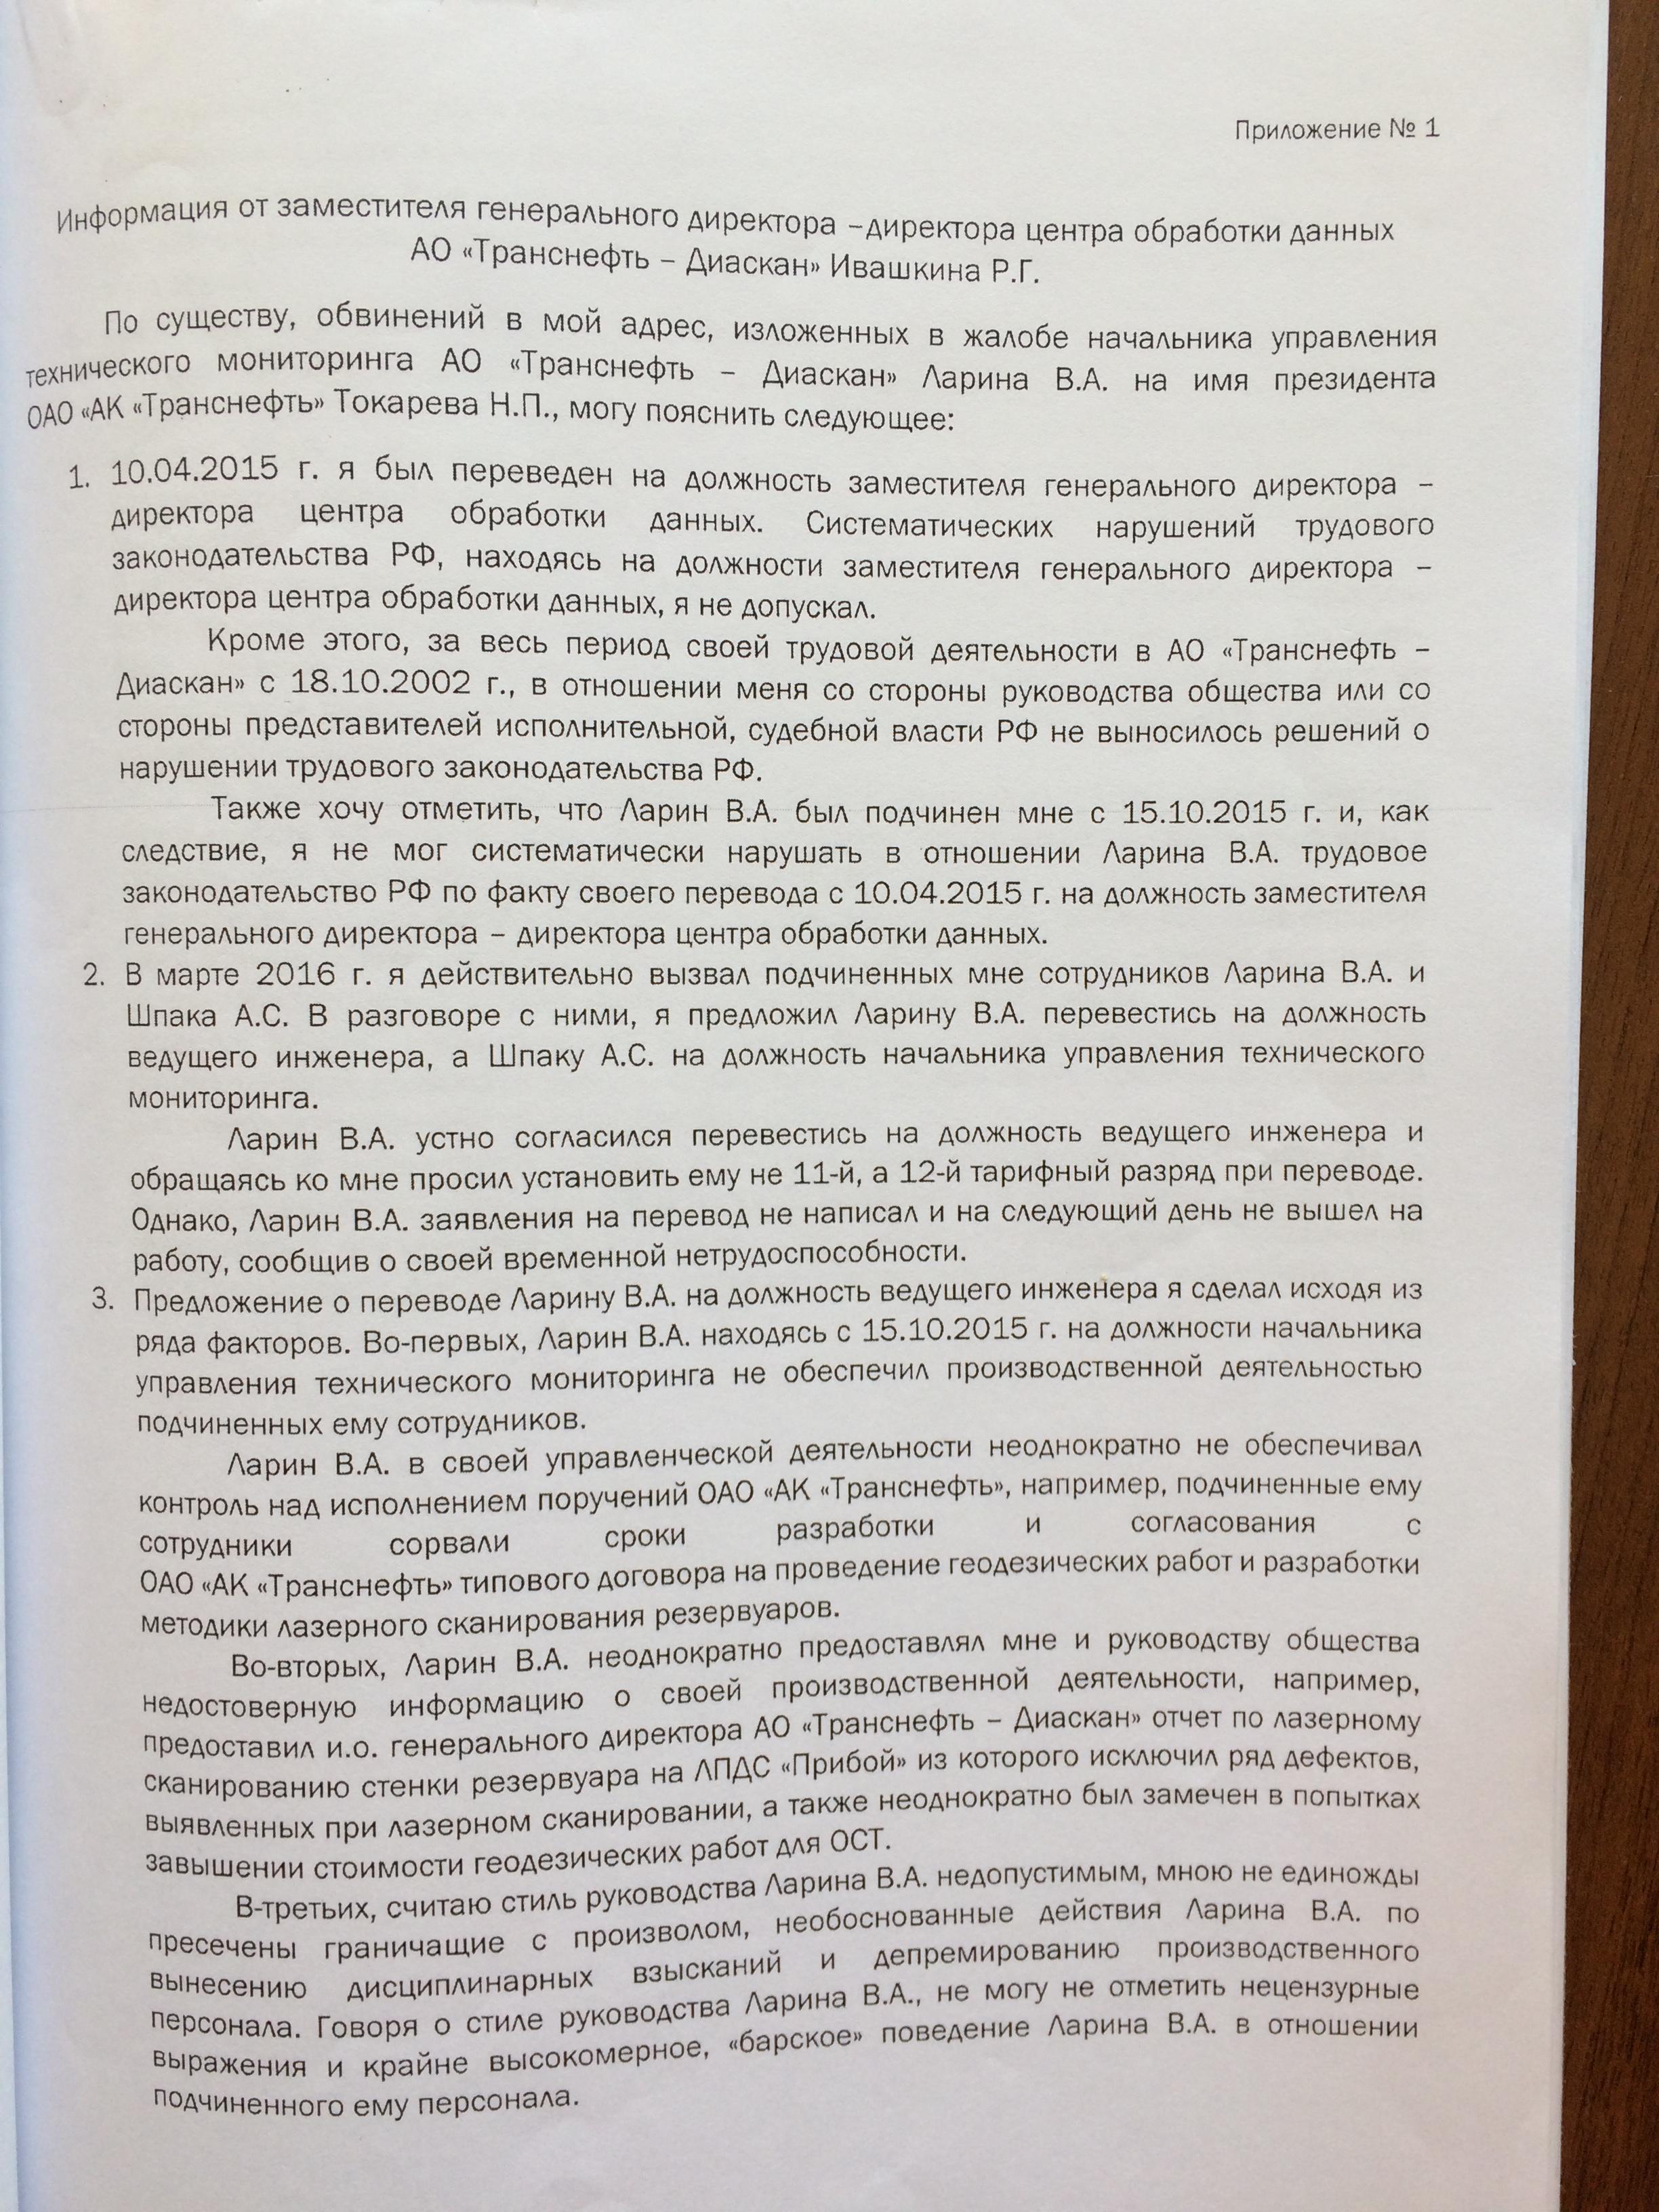 Фото документов проверки Луховицкой городской прокуратурой - 81 (5)